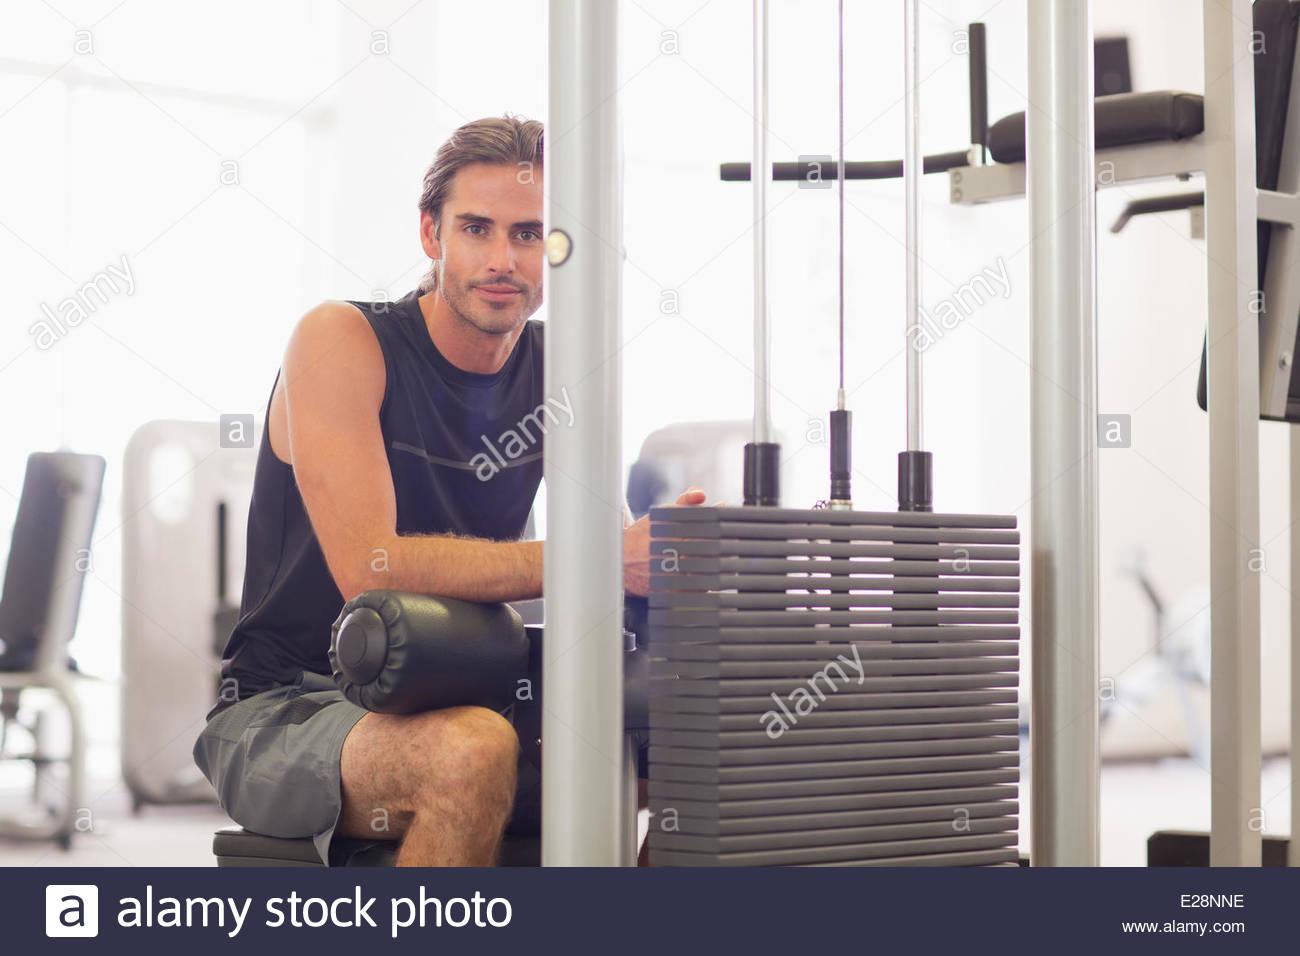 Portrait of smiling man en utilisant l'équipement d'exercice dans un gymnase Photo Stock